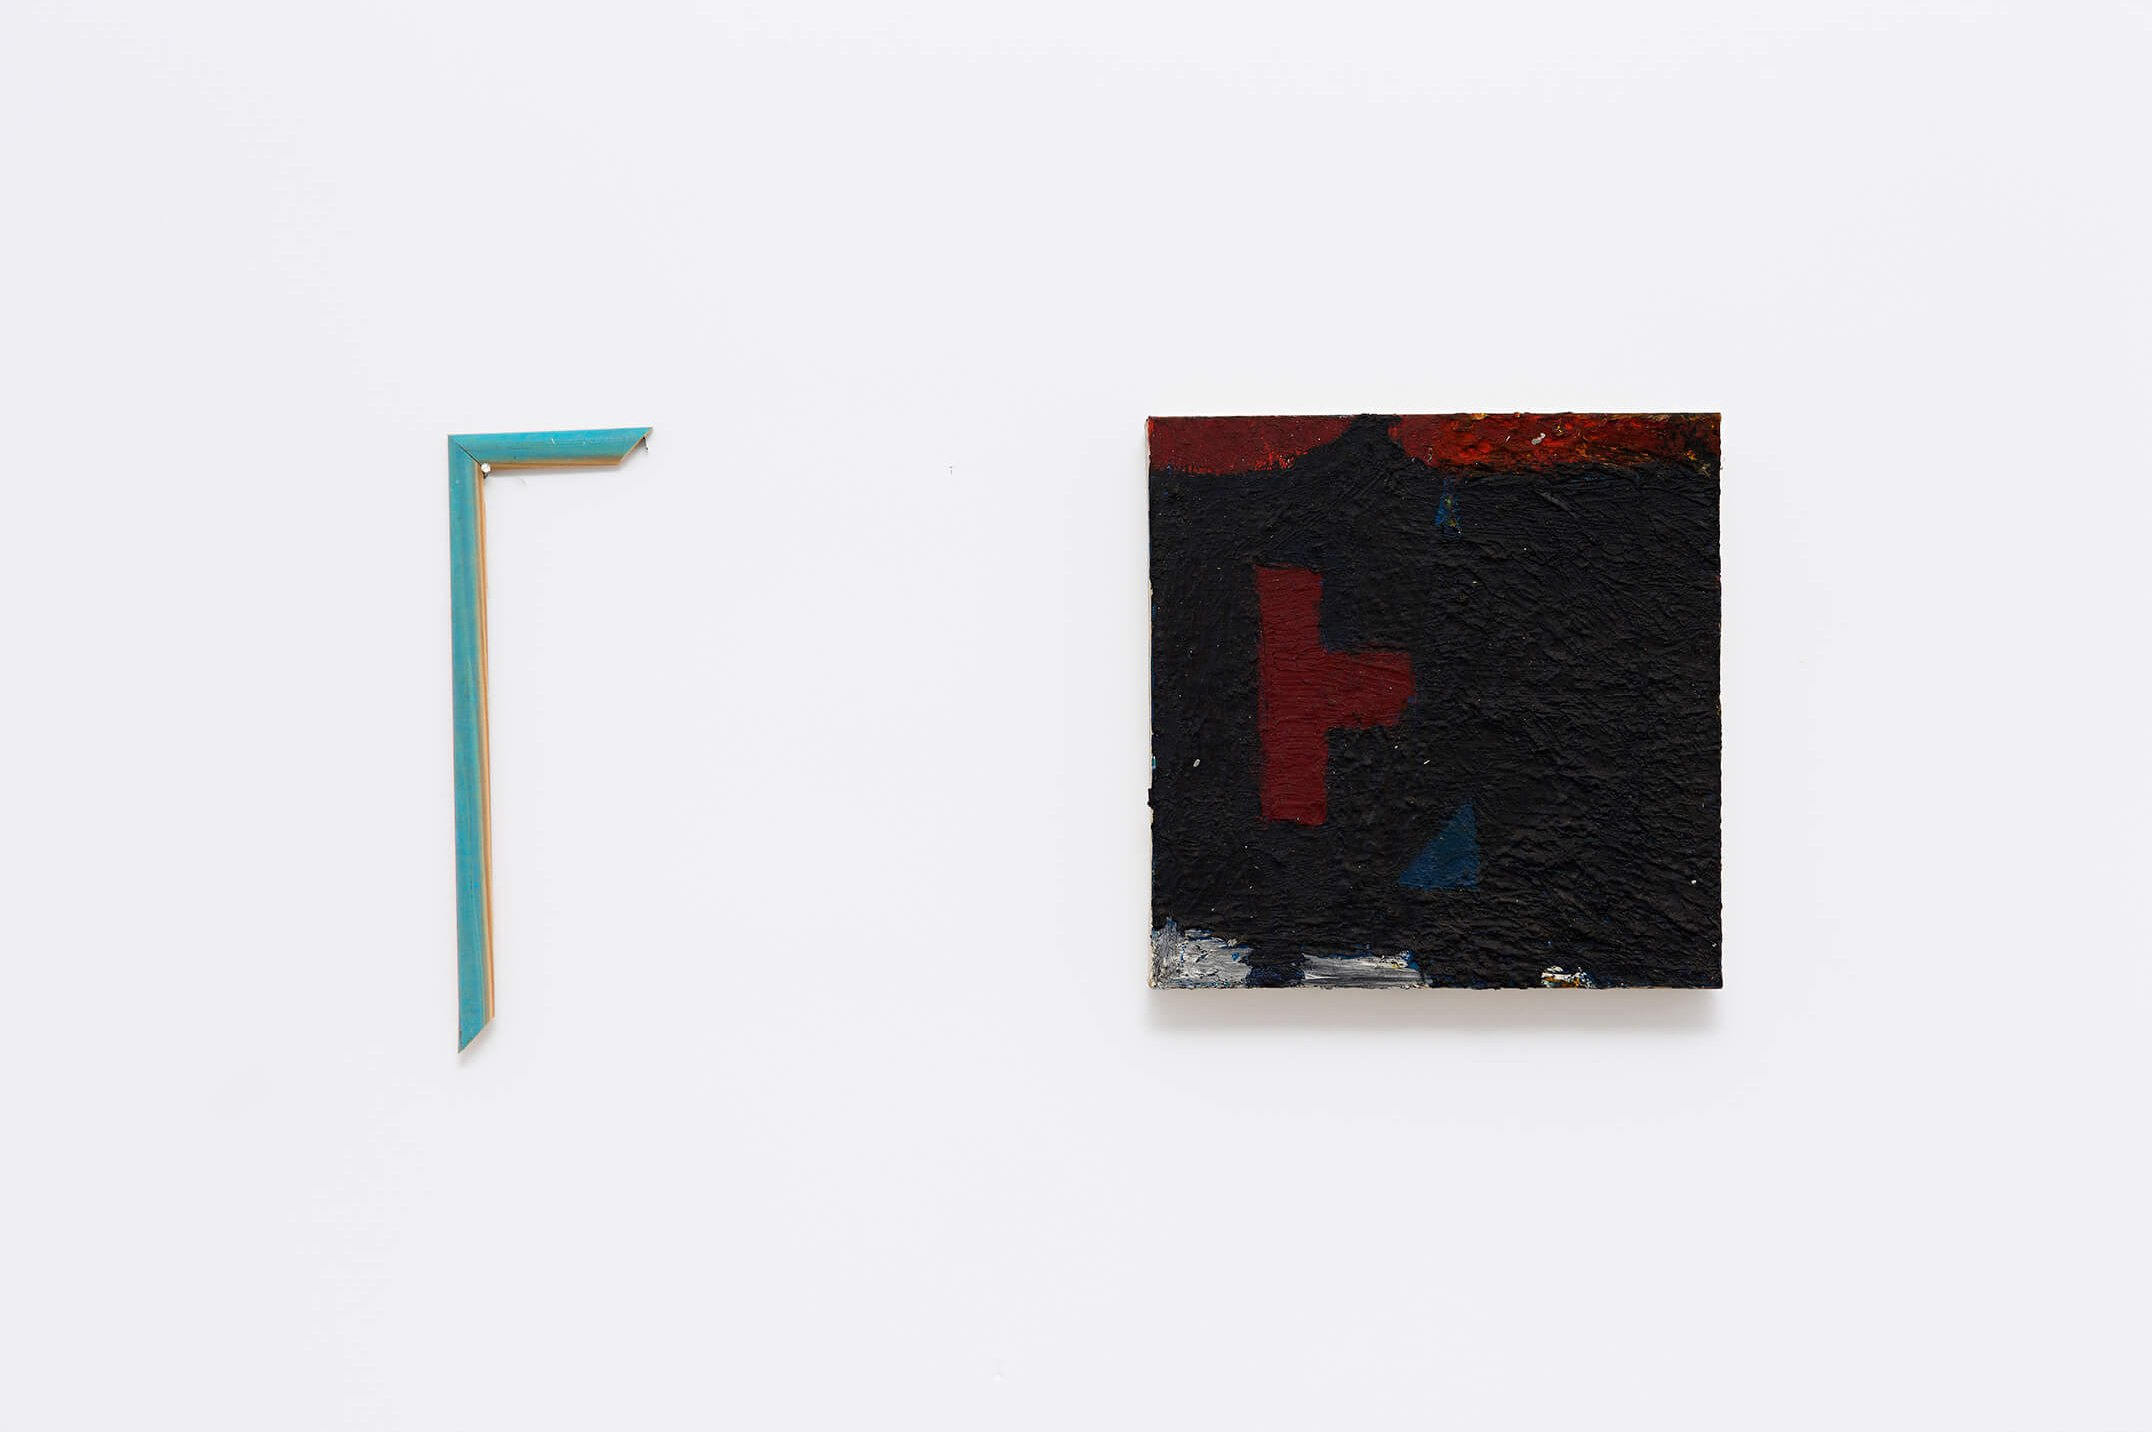 Deyson Gilbert, <em>untitled</em>, 2003,oil on canvas, 33 × 67 ×4 cm - Mendes Wood DM